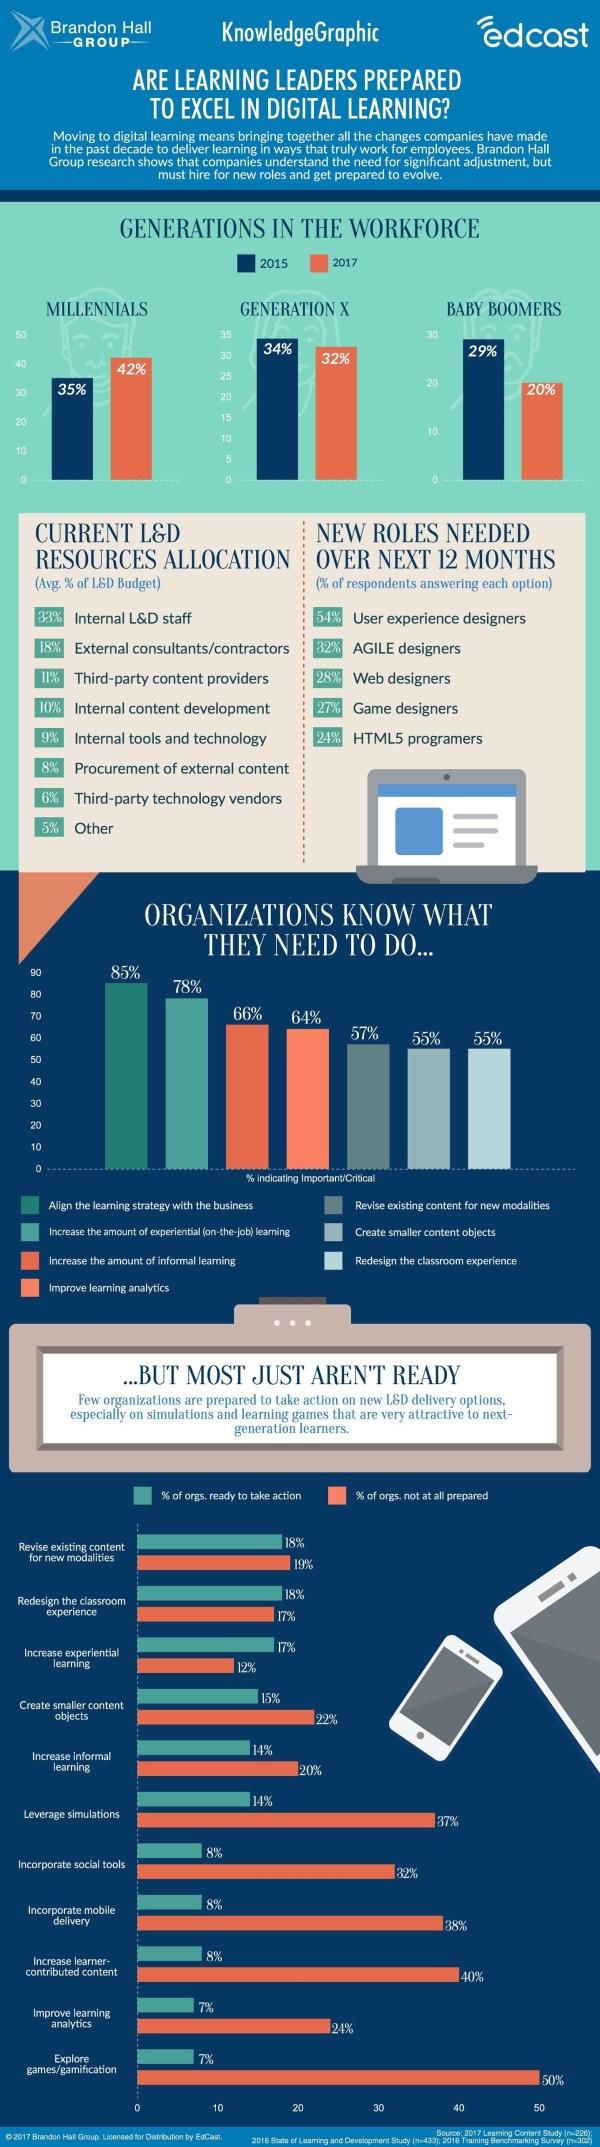 Learning Leaders Prepared Digital